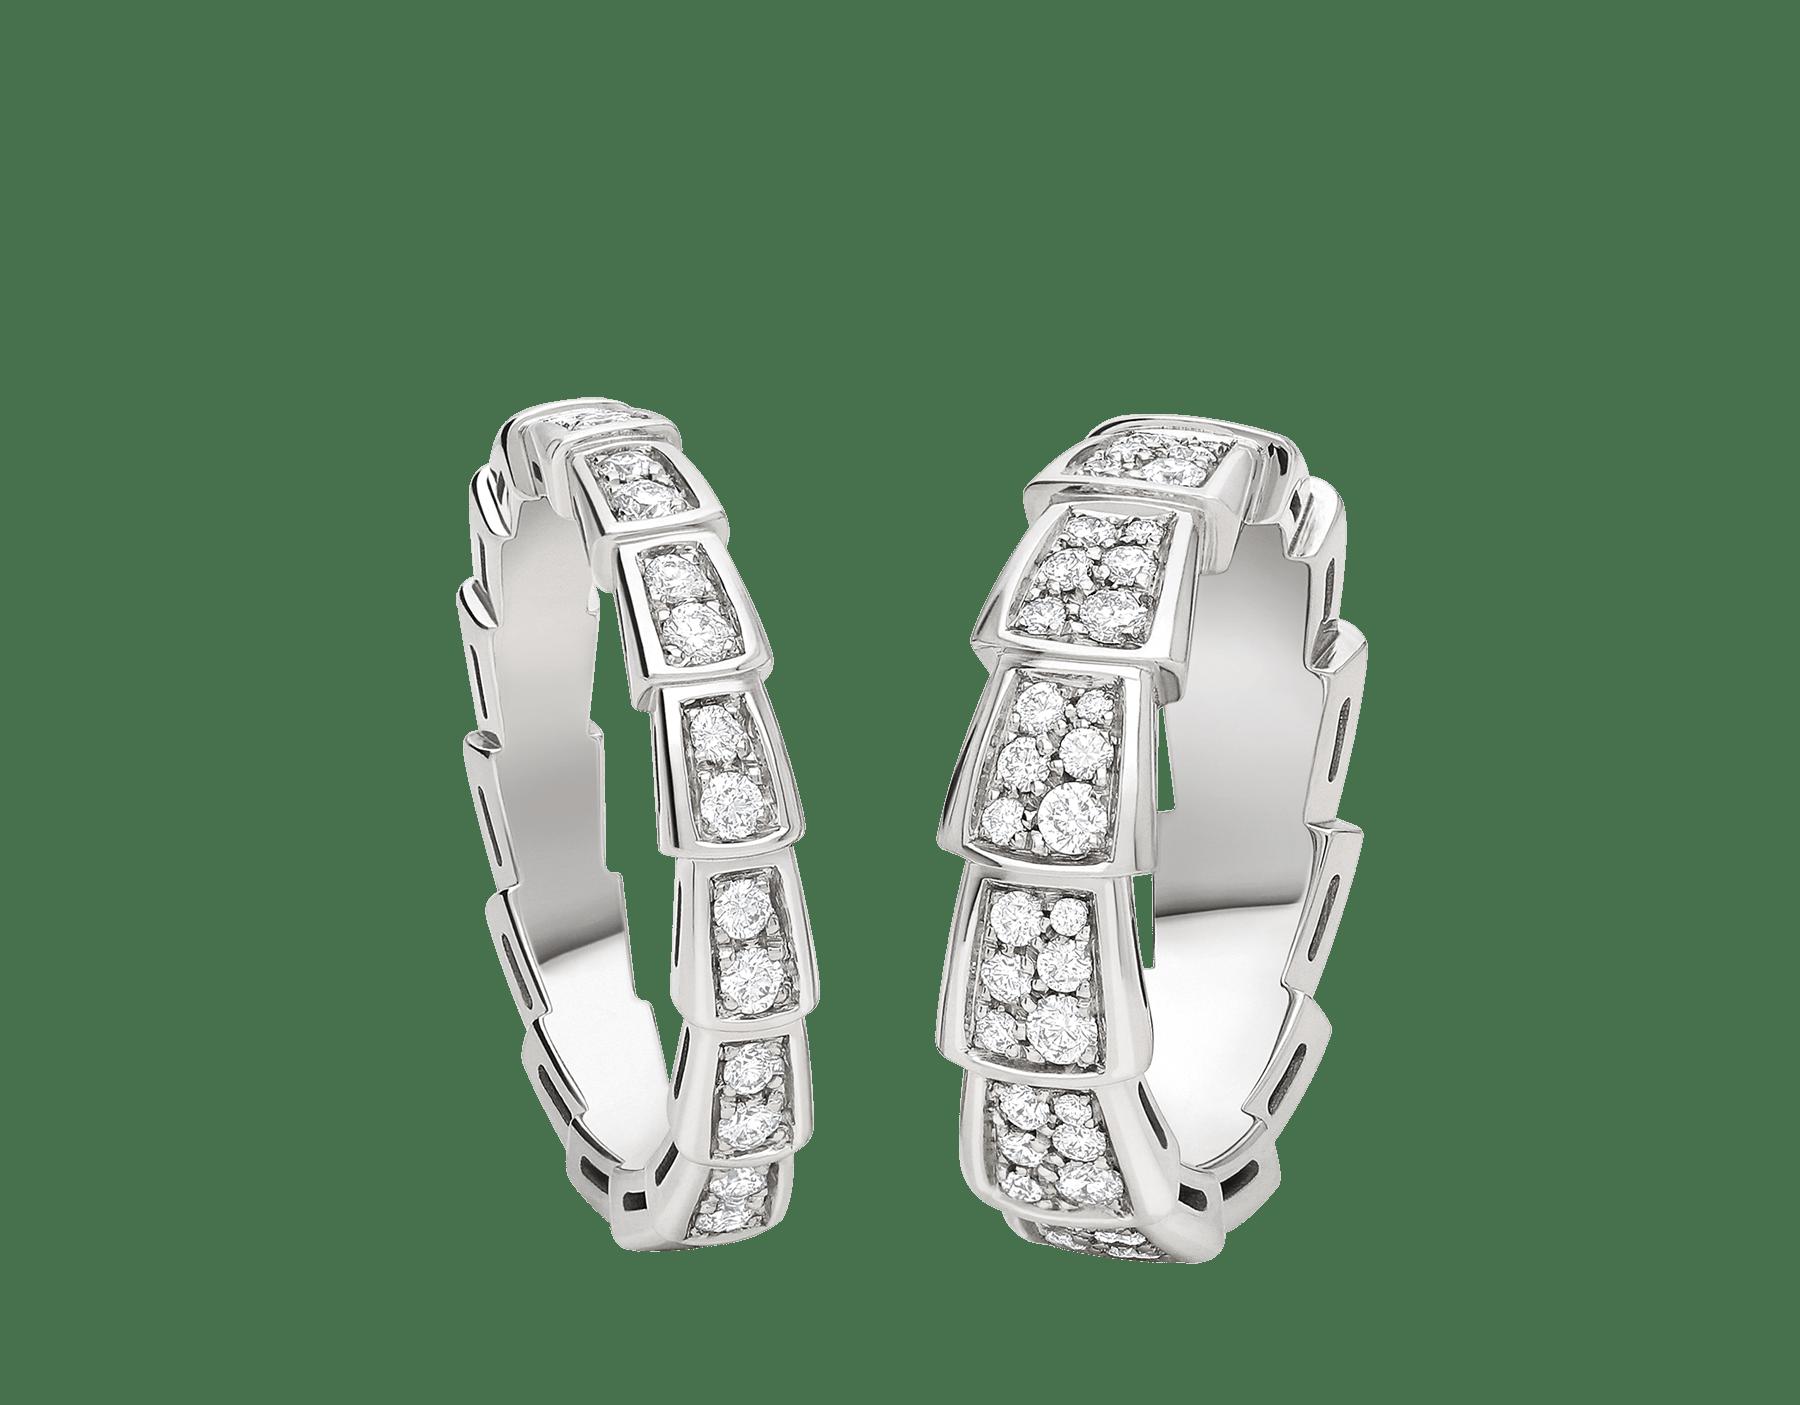 Serpenti Viper Ringe für Paare mit unterschiedlicher Höhe aus 18 Karat Weißgold, beide voll ausgefasst mit Diamanten. Ein faszinierendes Ring-Set, das ein hypnotisierendes Design mit der unwiderstehlichen Anziehungskraft der Schlange verschmelzen lässt. SERPENTI-VIPER-COUPLES-RINGS-5 image 1